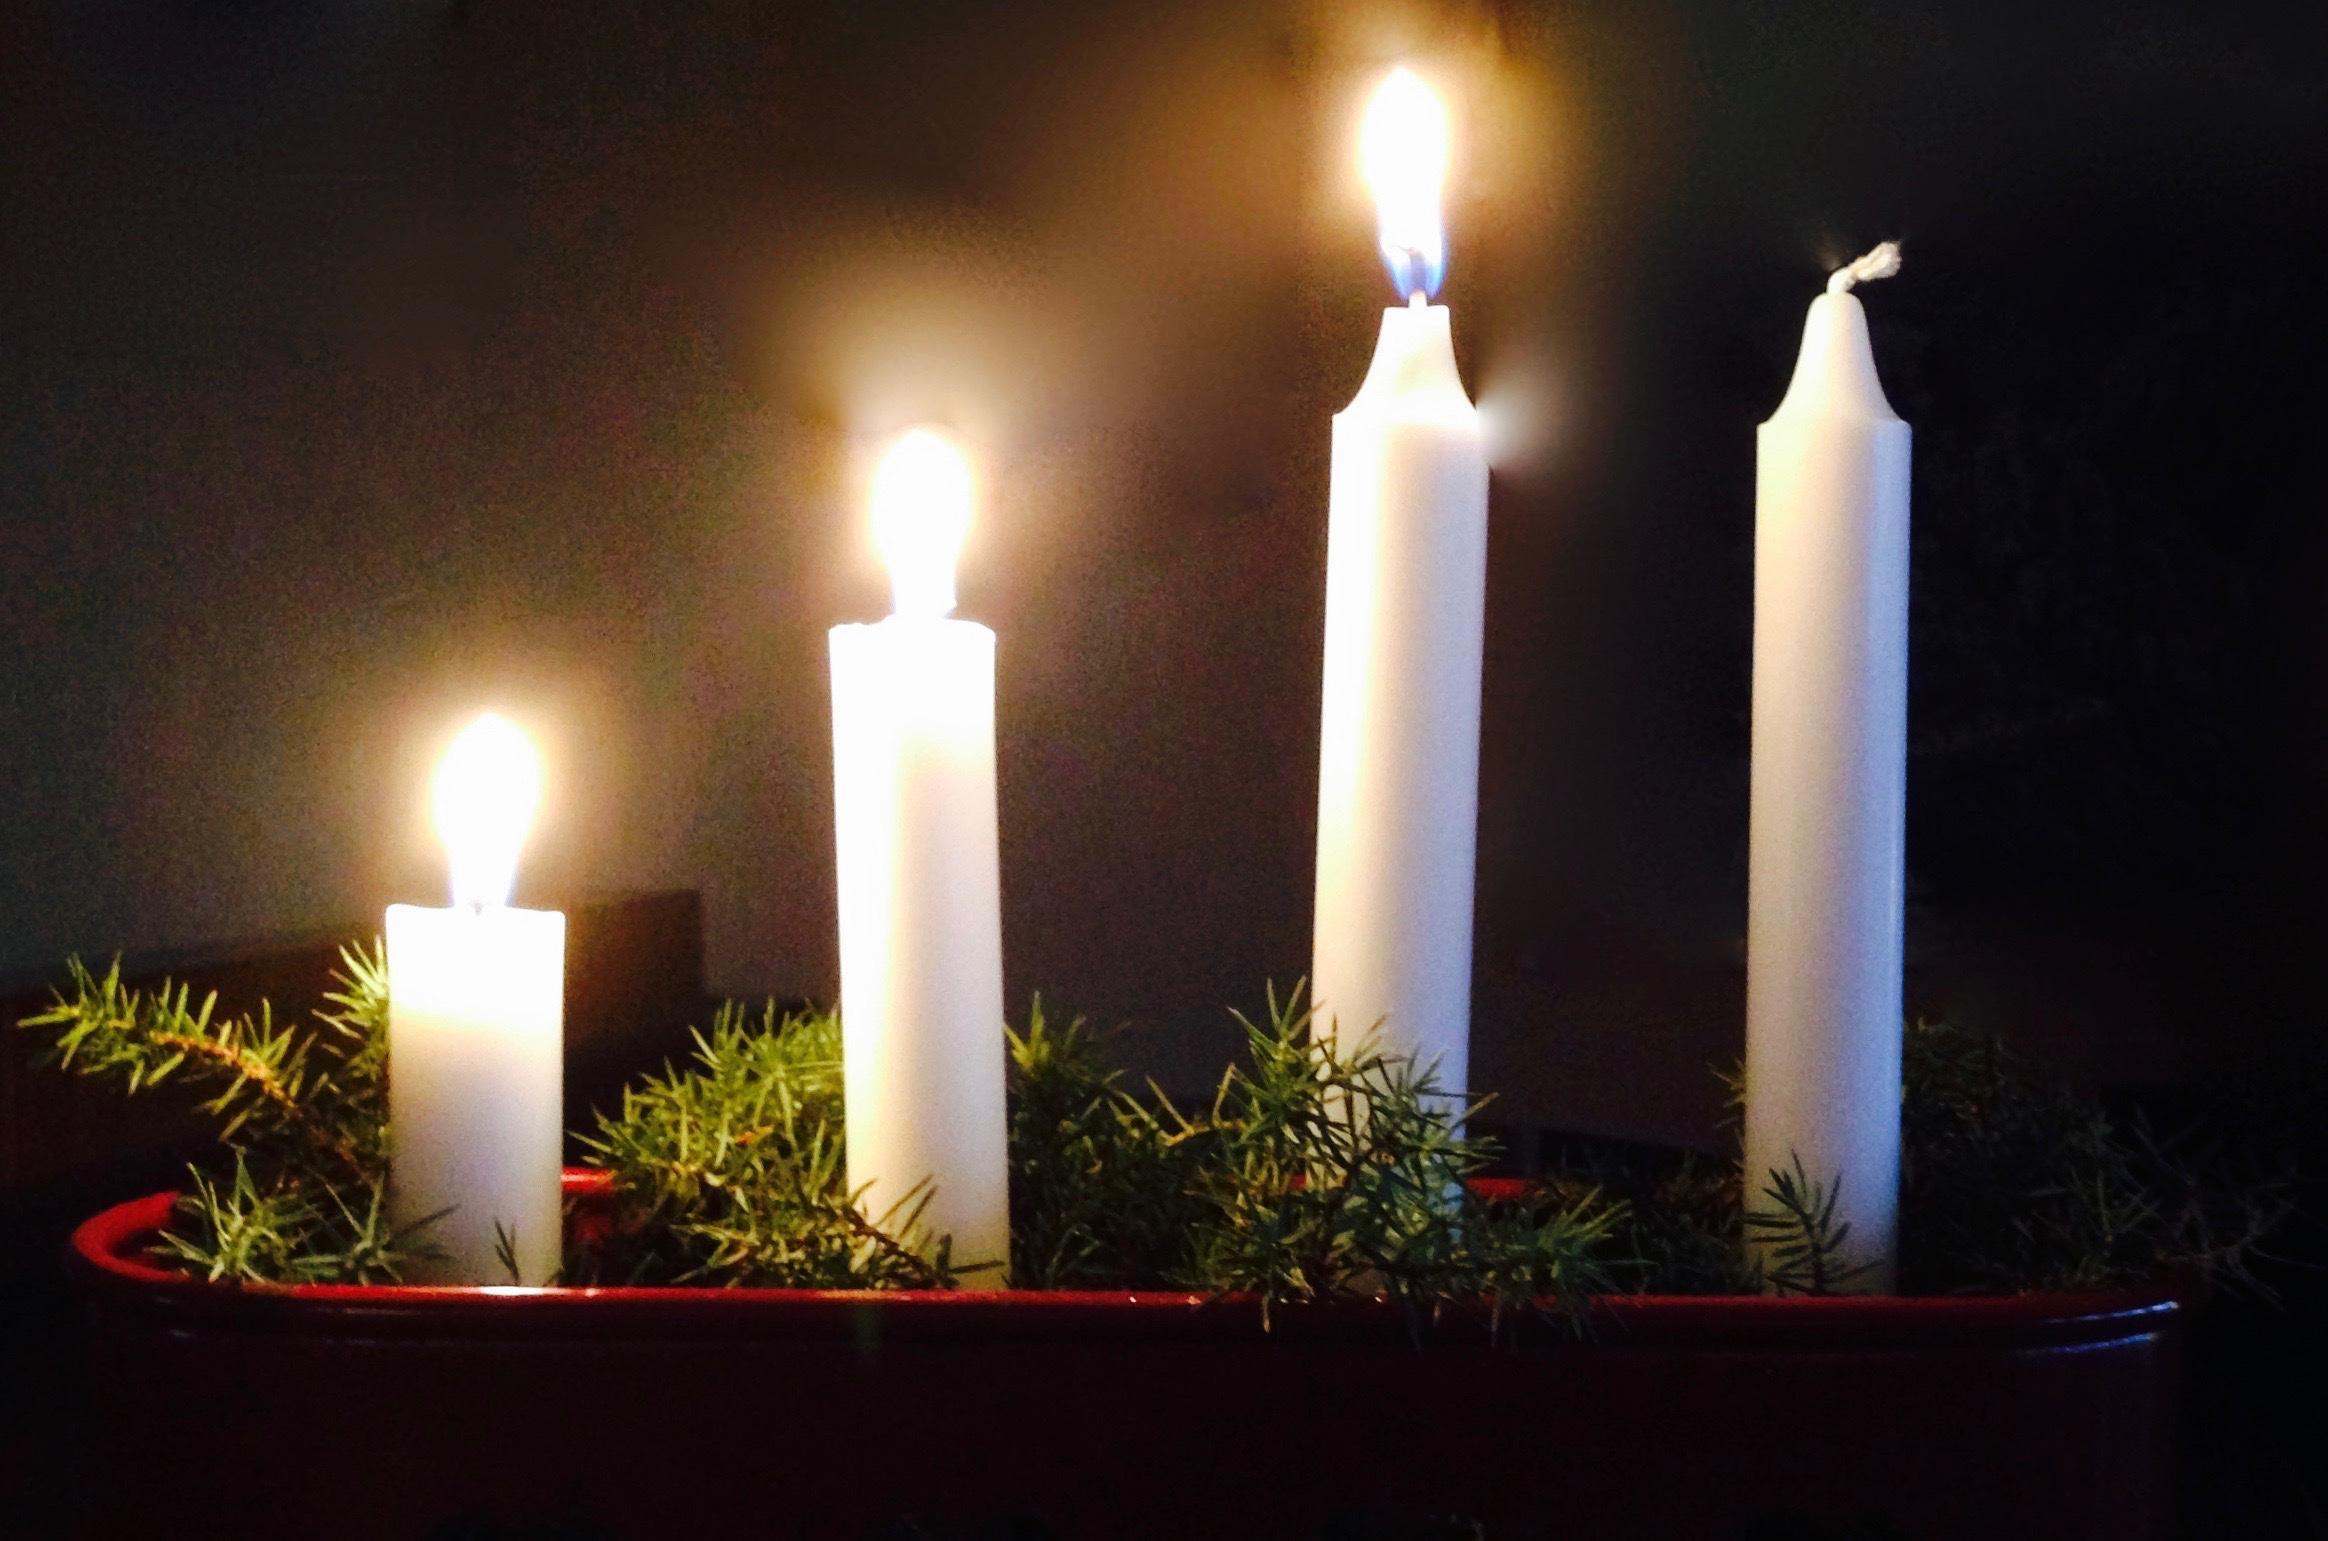 Gudstjänst tredje söndagen i advent